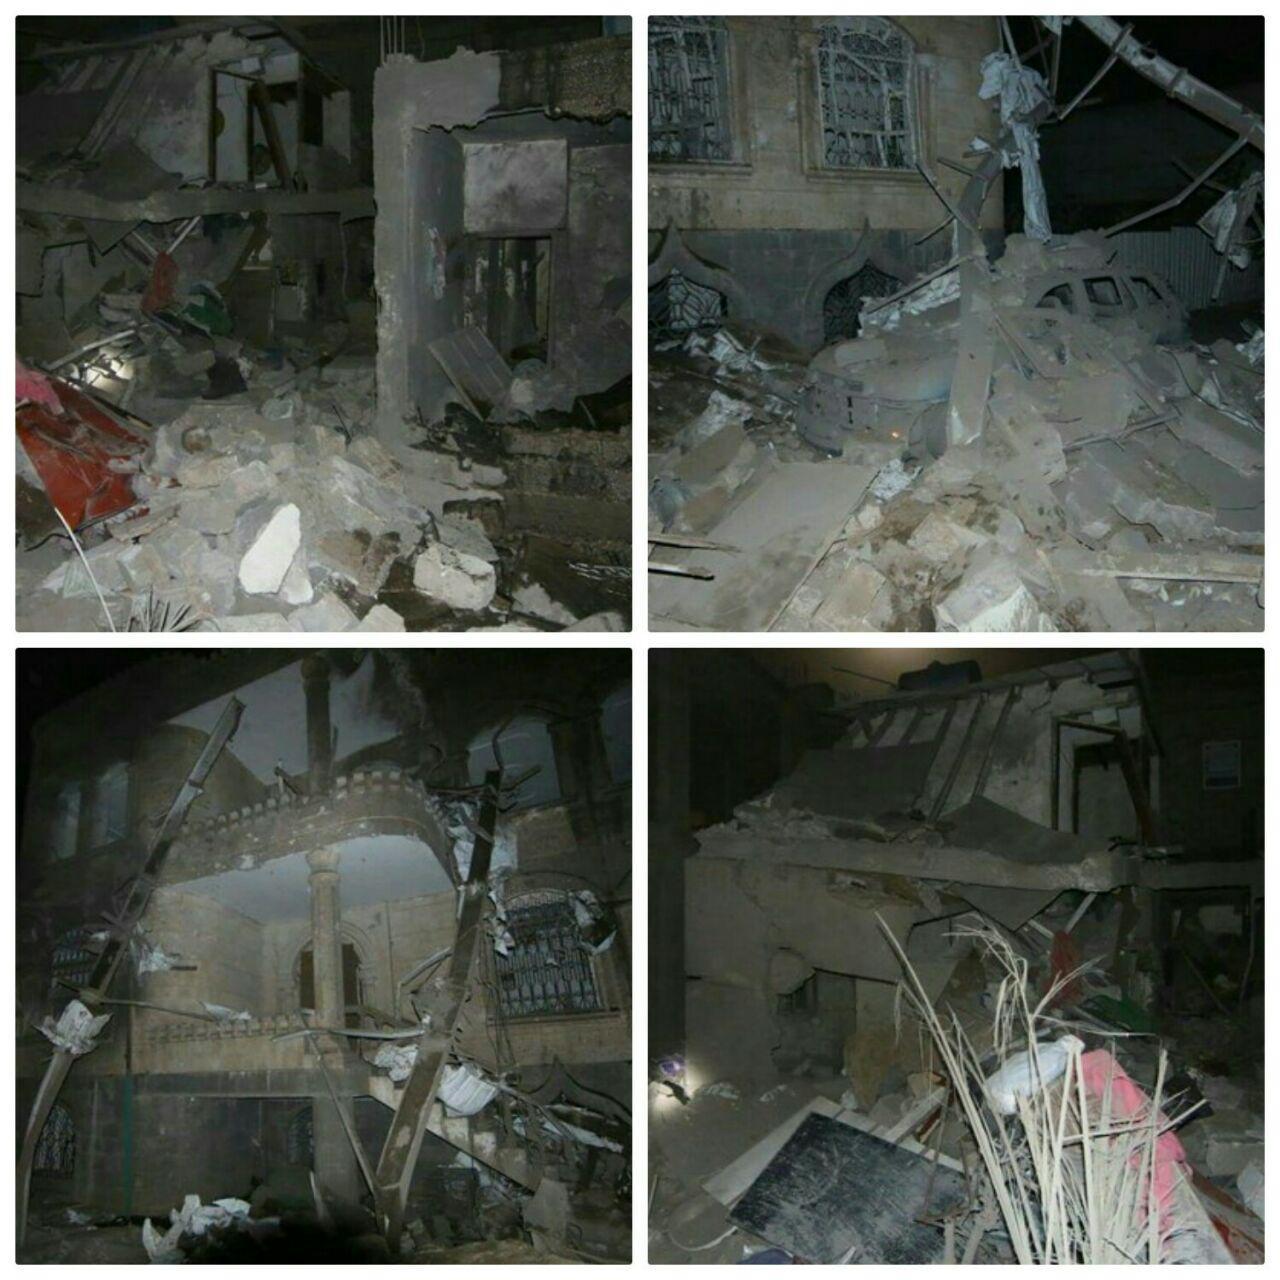 تصویر شهادت دلخراش ۴ عضو یک خانواده یمنی در حمله جنگندههای سعودی